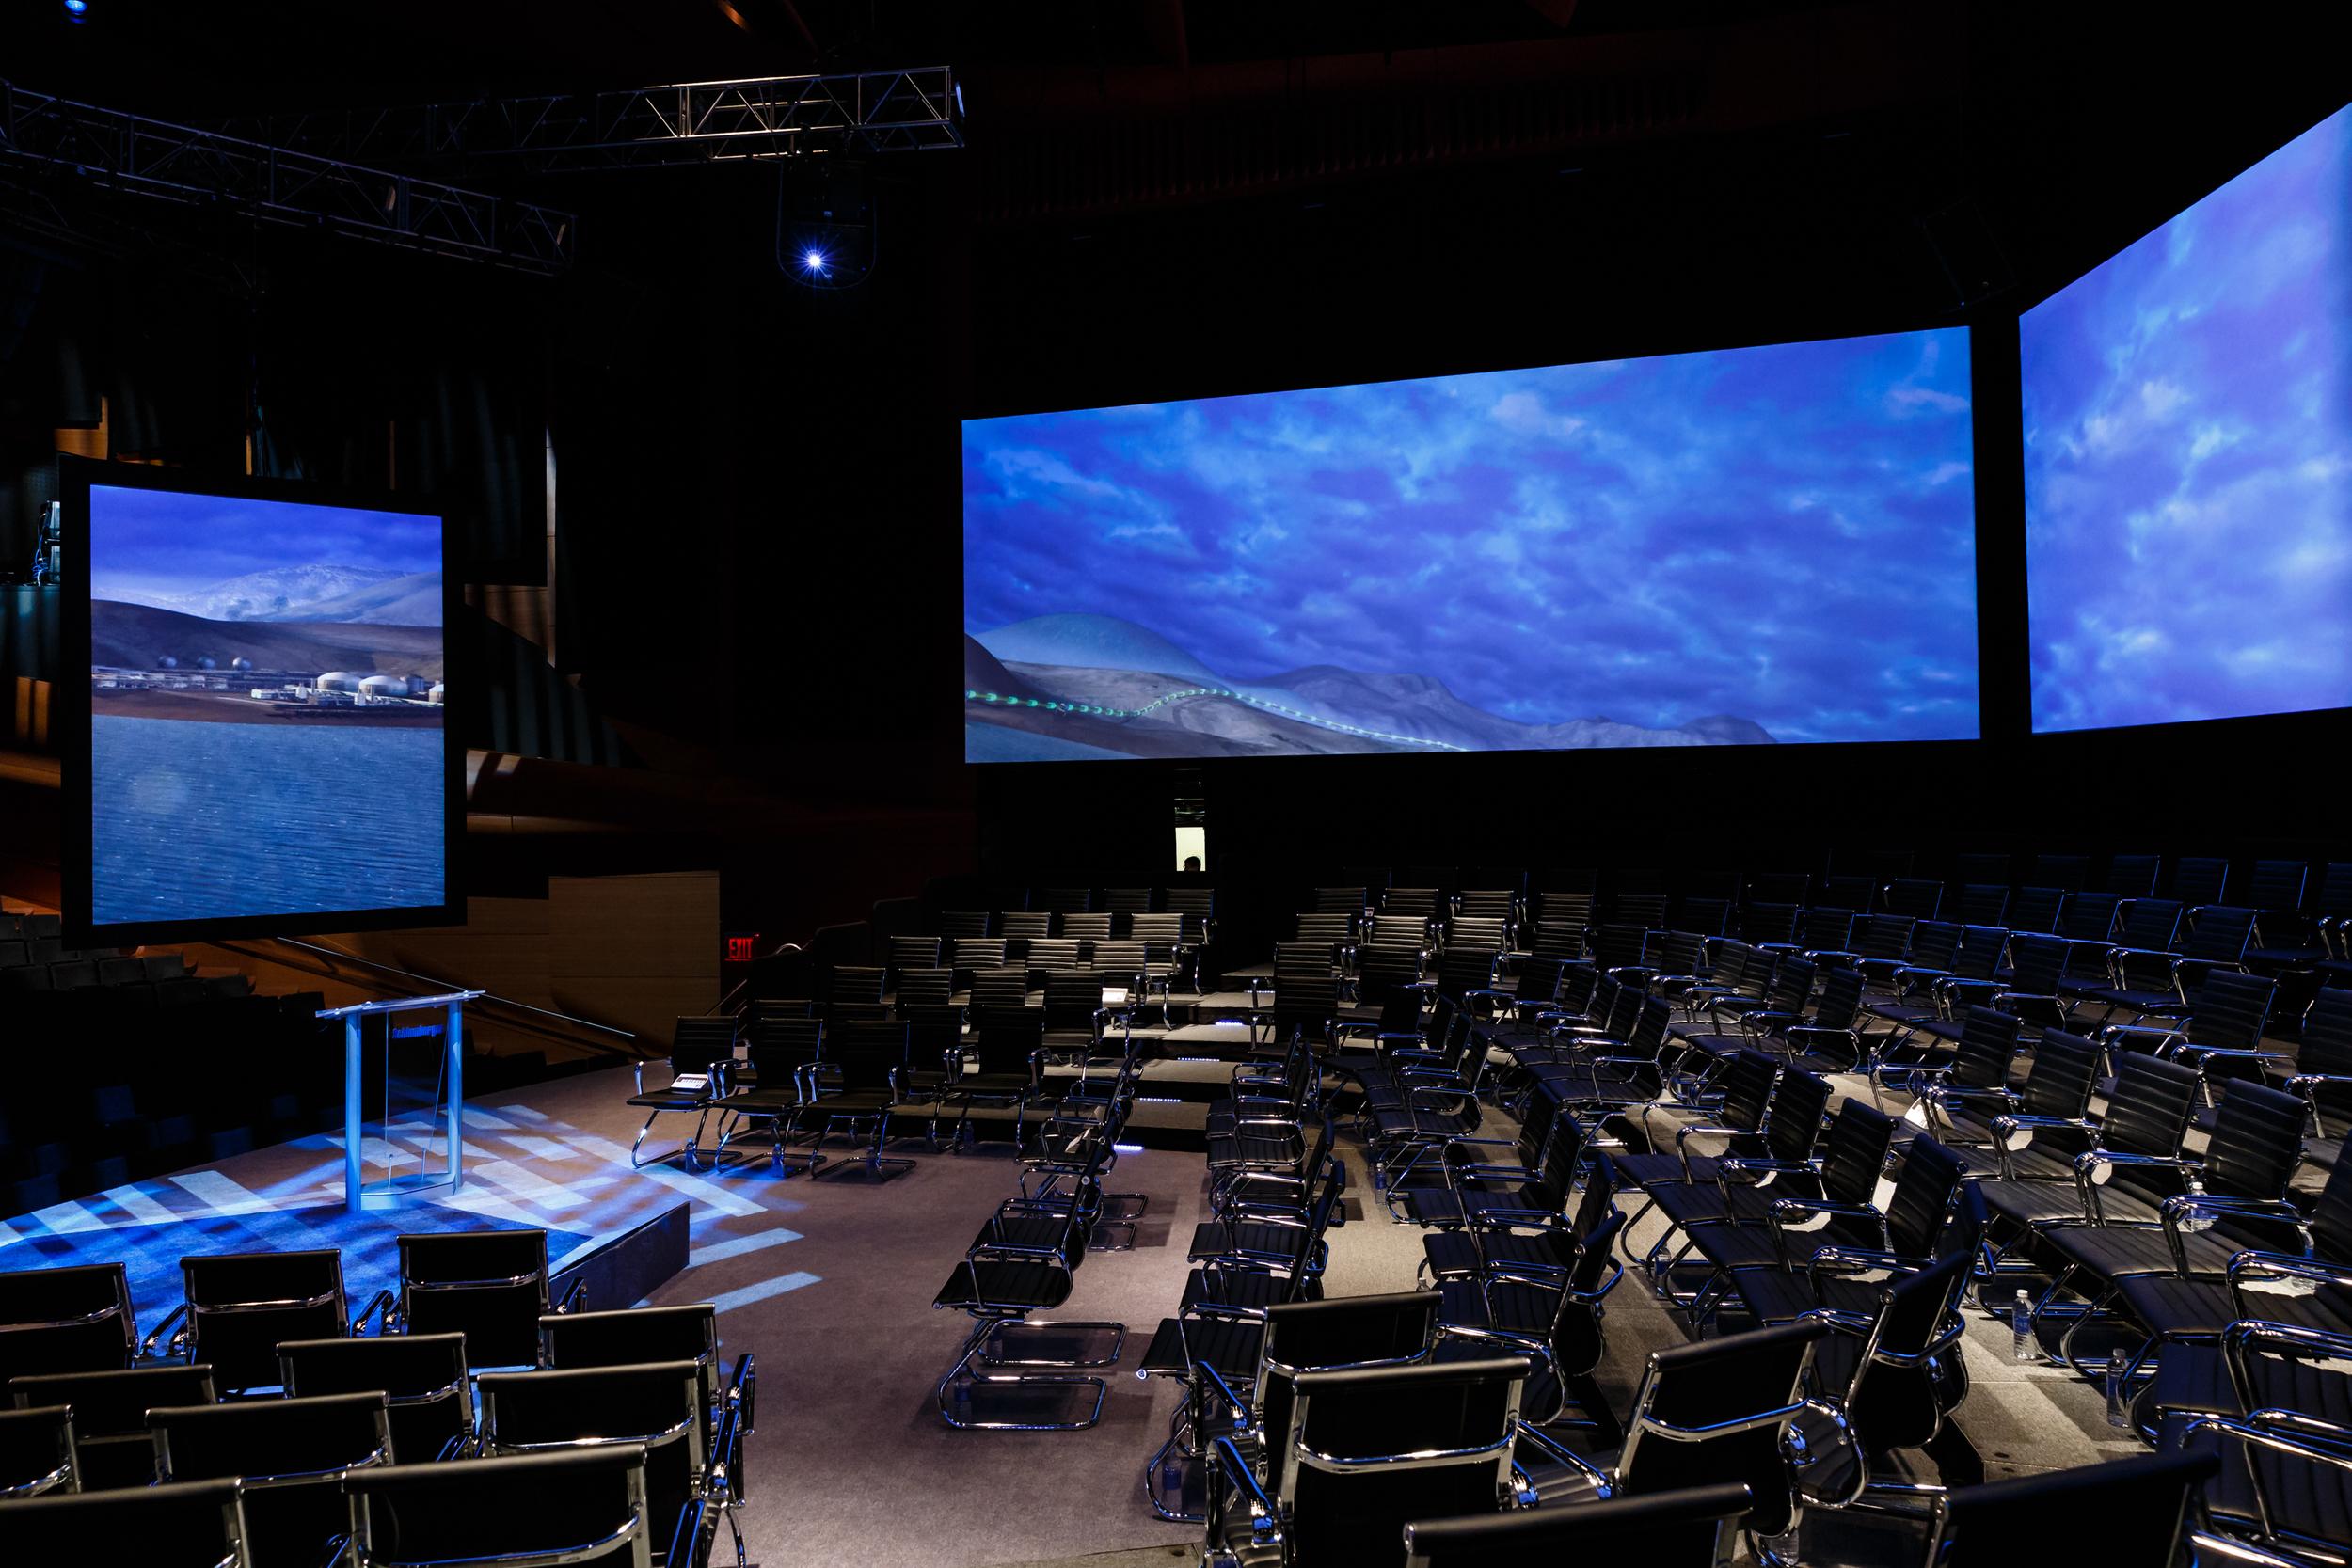 2 pix - side audience view.jpg